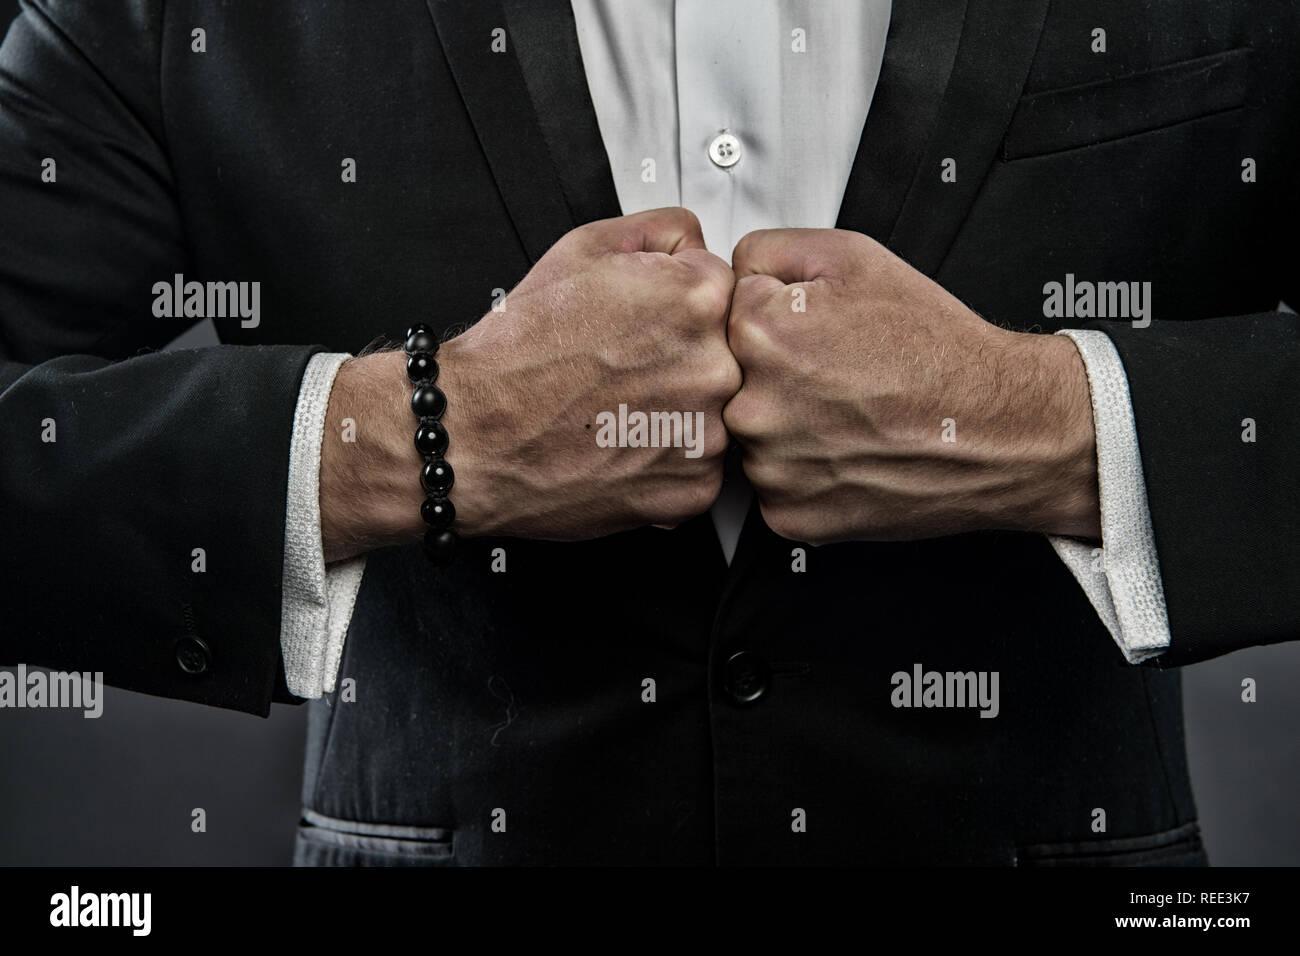 Männliche Fäuste mit geschwollenen Adern und Armband auf Anzug Hintergrund. Konfrontation Konzept. Hand des Business Person konfrontiert. Symbol der Stärke des Willens. Stockbild